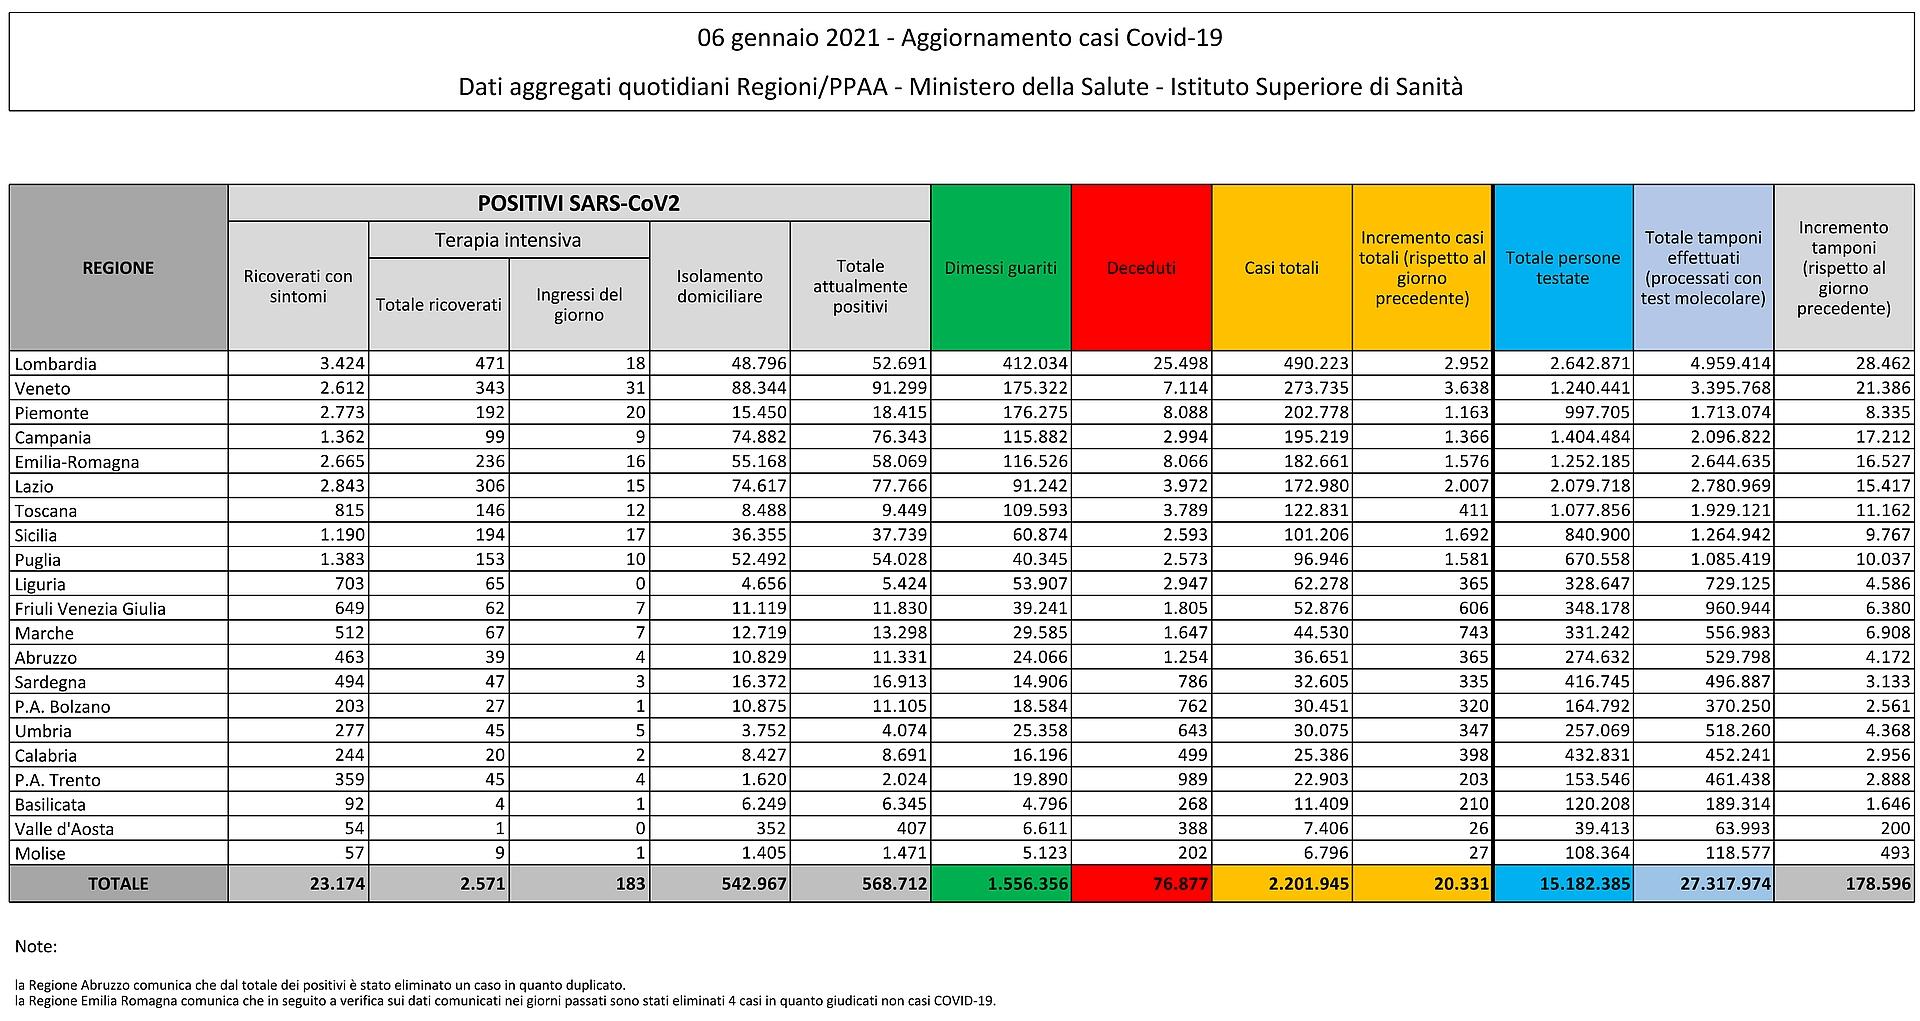 6 gennaio 2021 - Aggiornamento casi Covid-19 Dati aggregati quotidiani Regioni/PPAA - Ministero della Salute - Istituto Superiore di Sanità